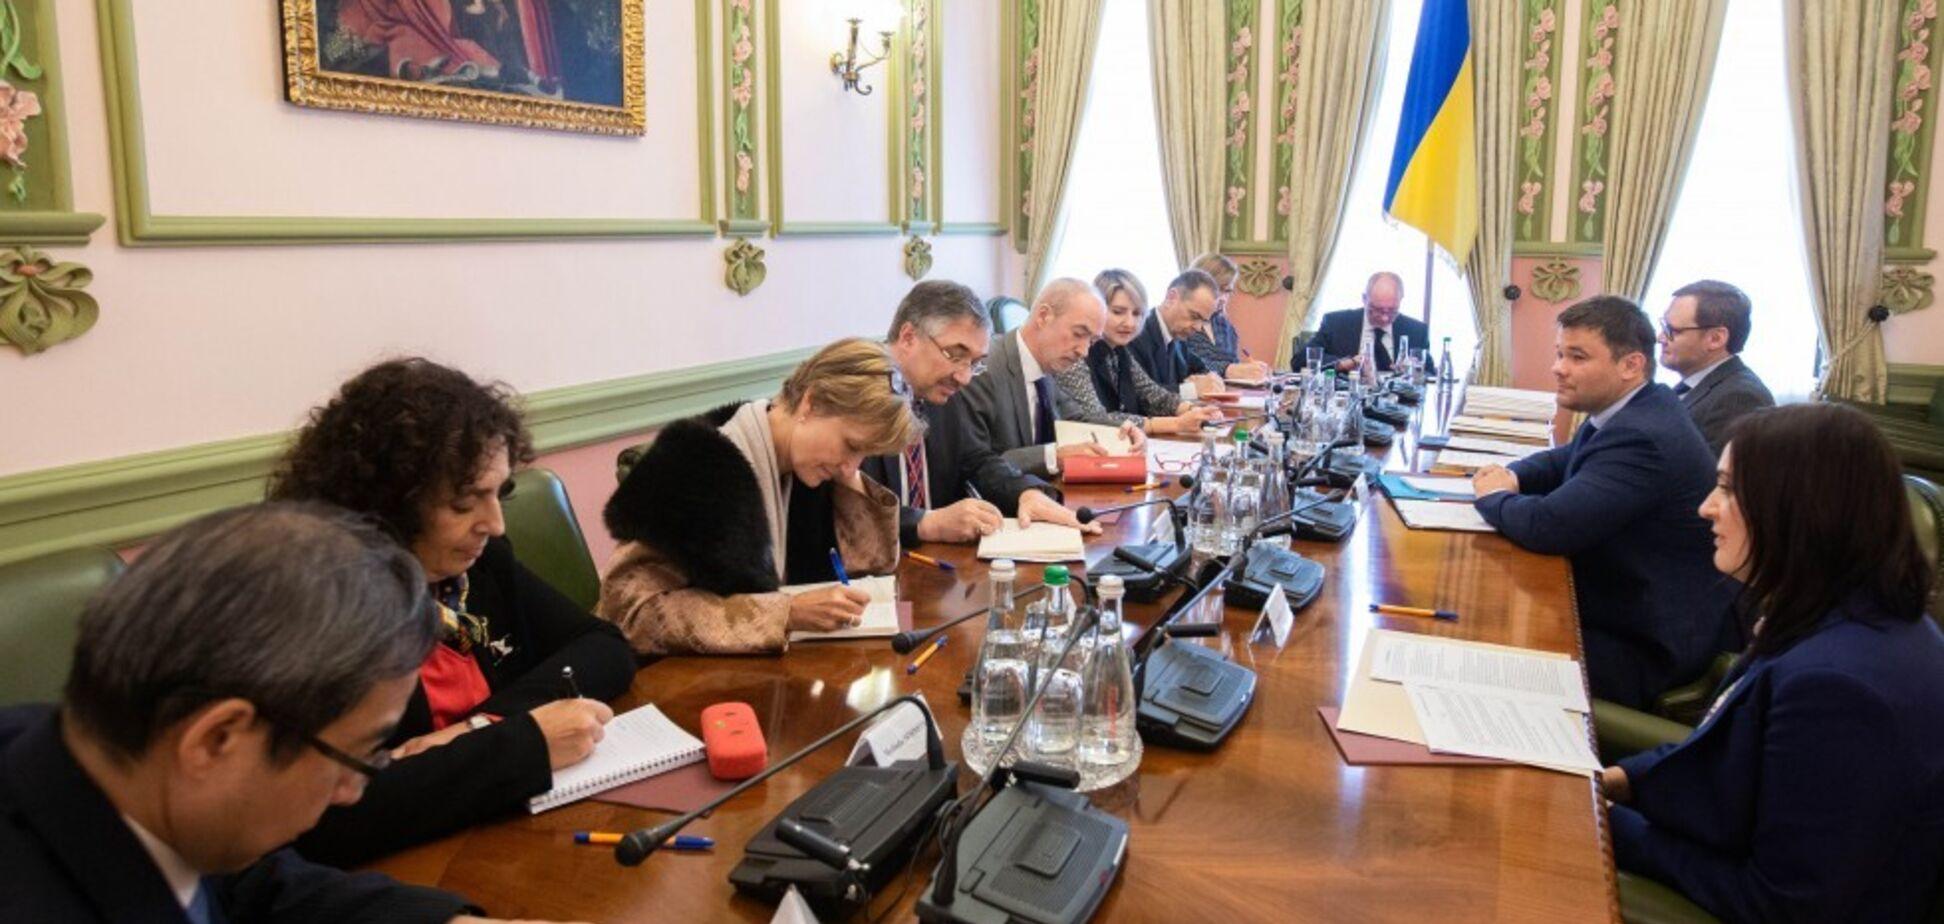 Богдан пошел против Коломойского по ПриватБанку: что сказал глава ОП послам G7